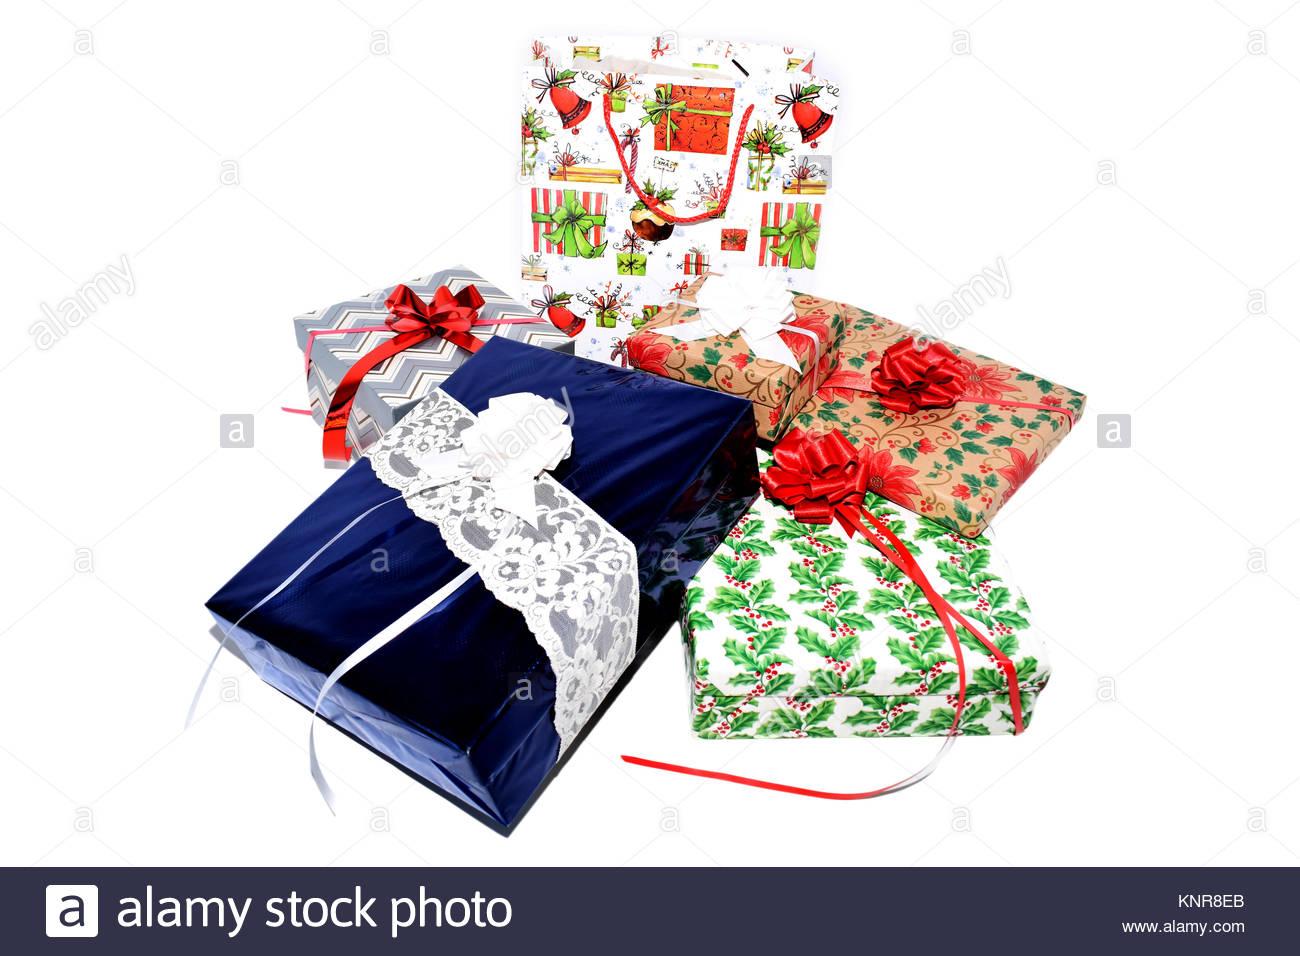 Cadeaux de Noël sur le thème de vacances enveloppé dans du papier d'emballage Photo Stock